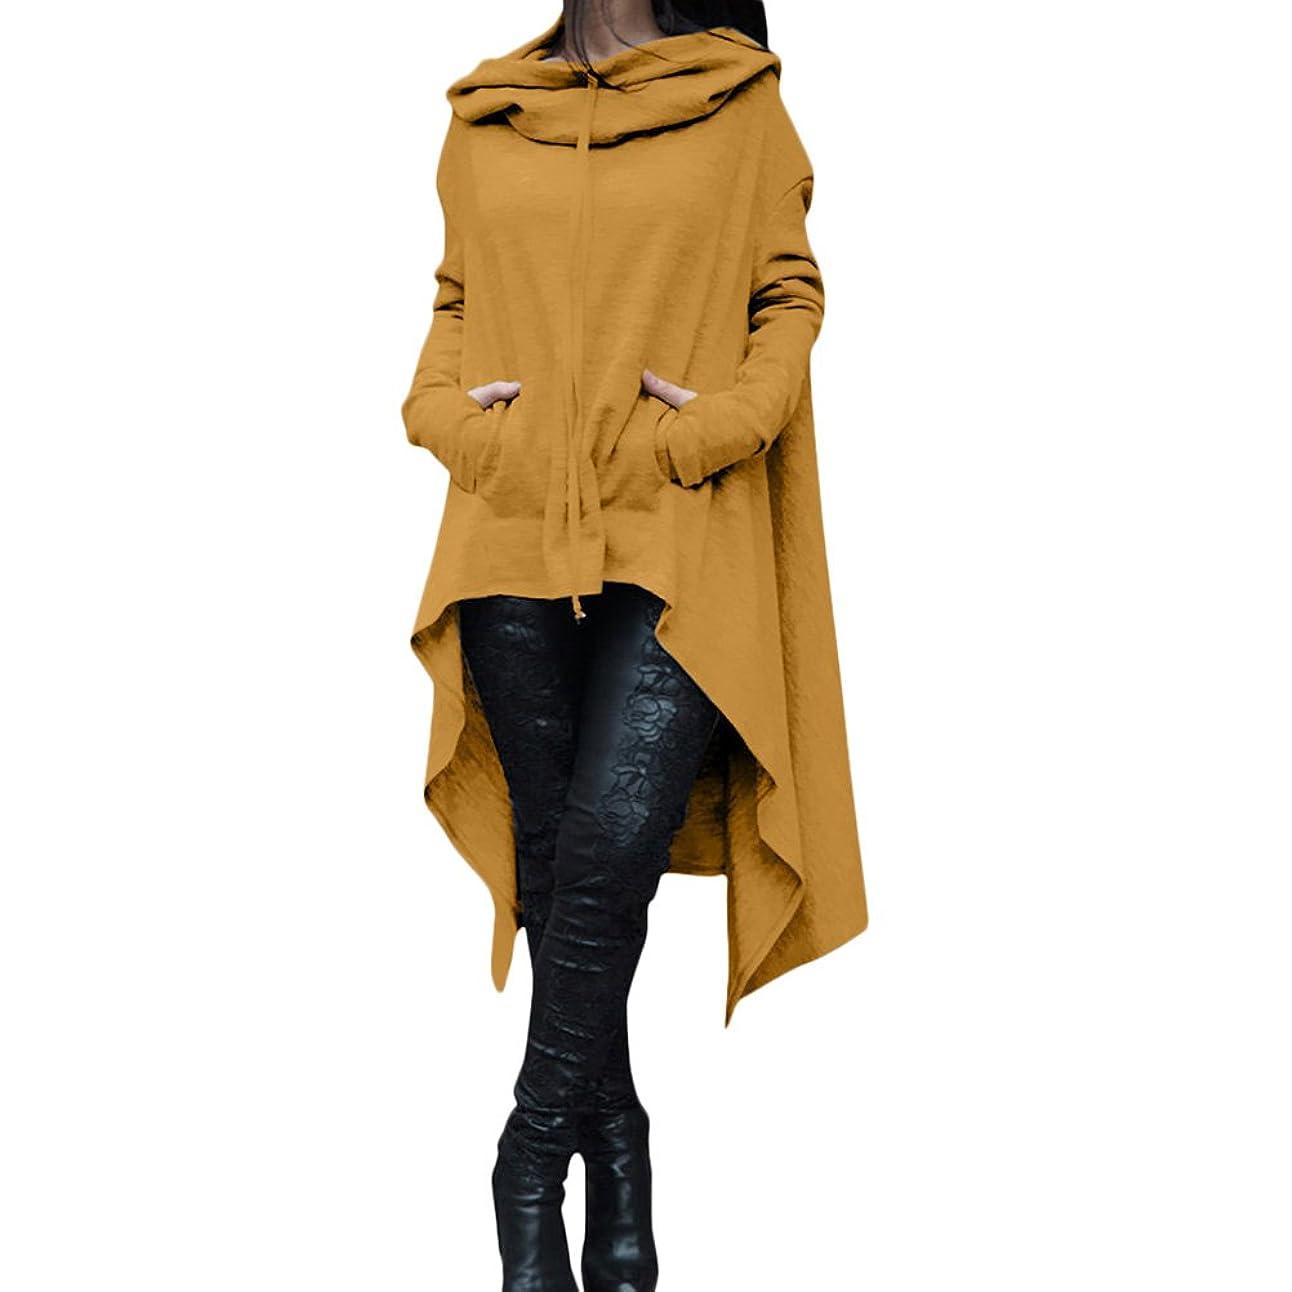 固有の人道的勇敢な高品質の Plus Women Long Hooded Sweater Irregular Hem Shirt Design Solid Color Special Tops Multicolor